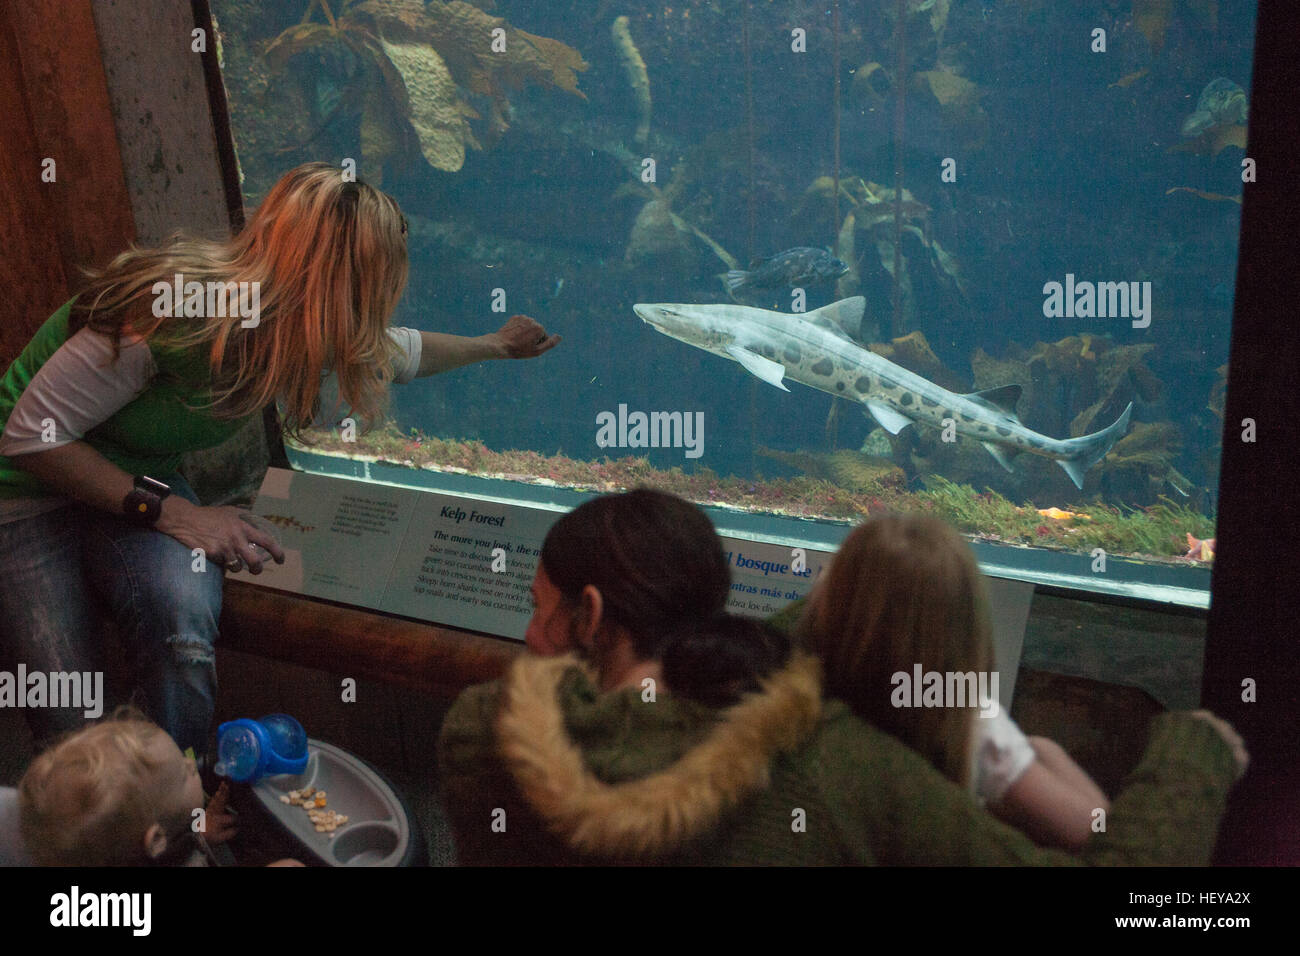 At Monterey Bay Aquarium,California,U.S.A.,United States of America, - Stock Image